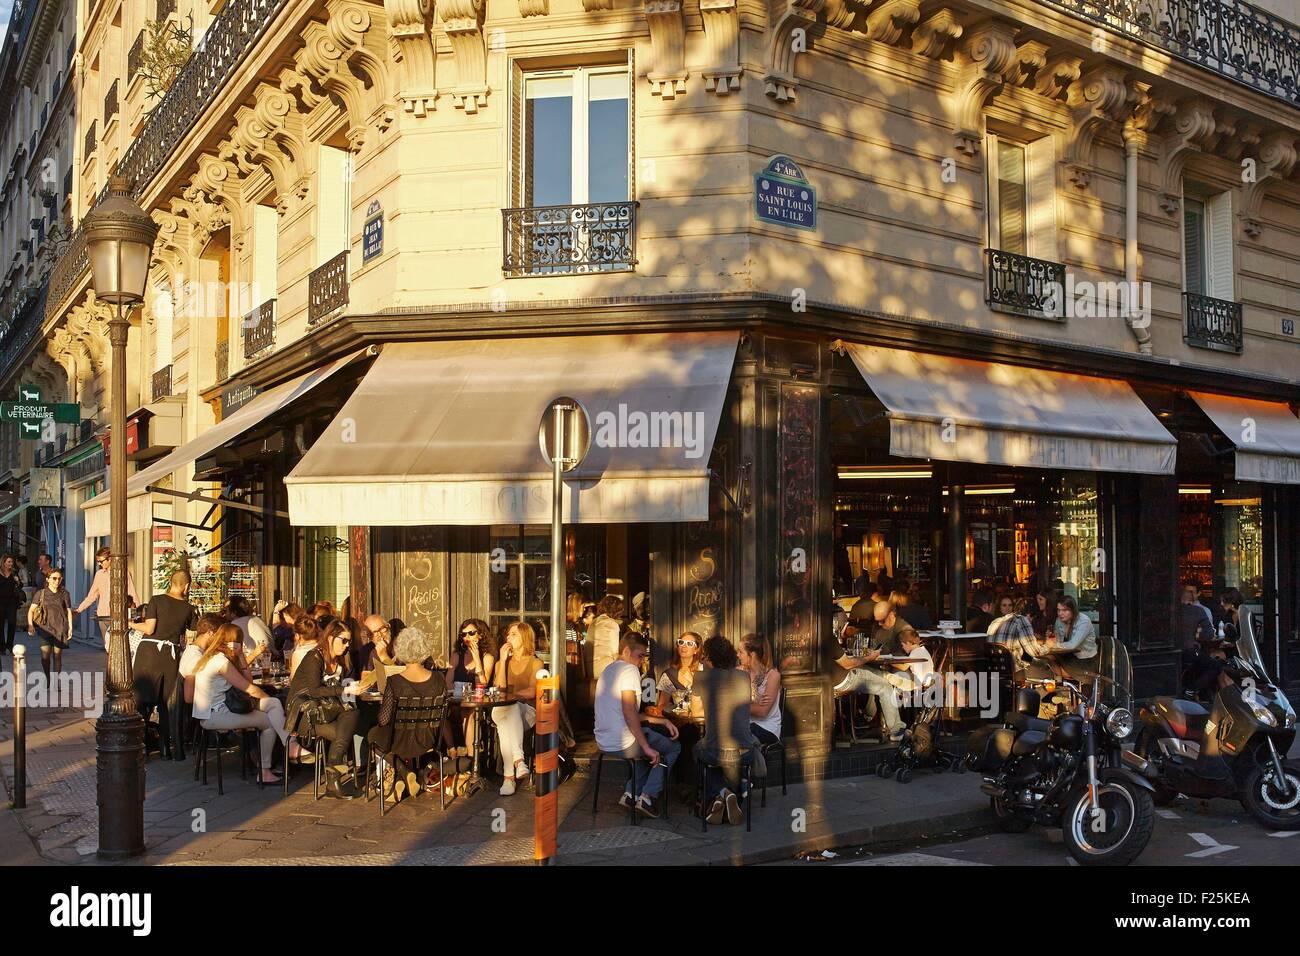 France, Paris, Cafe Terrace on the Ile St Louis - Stock Image